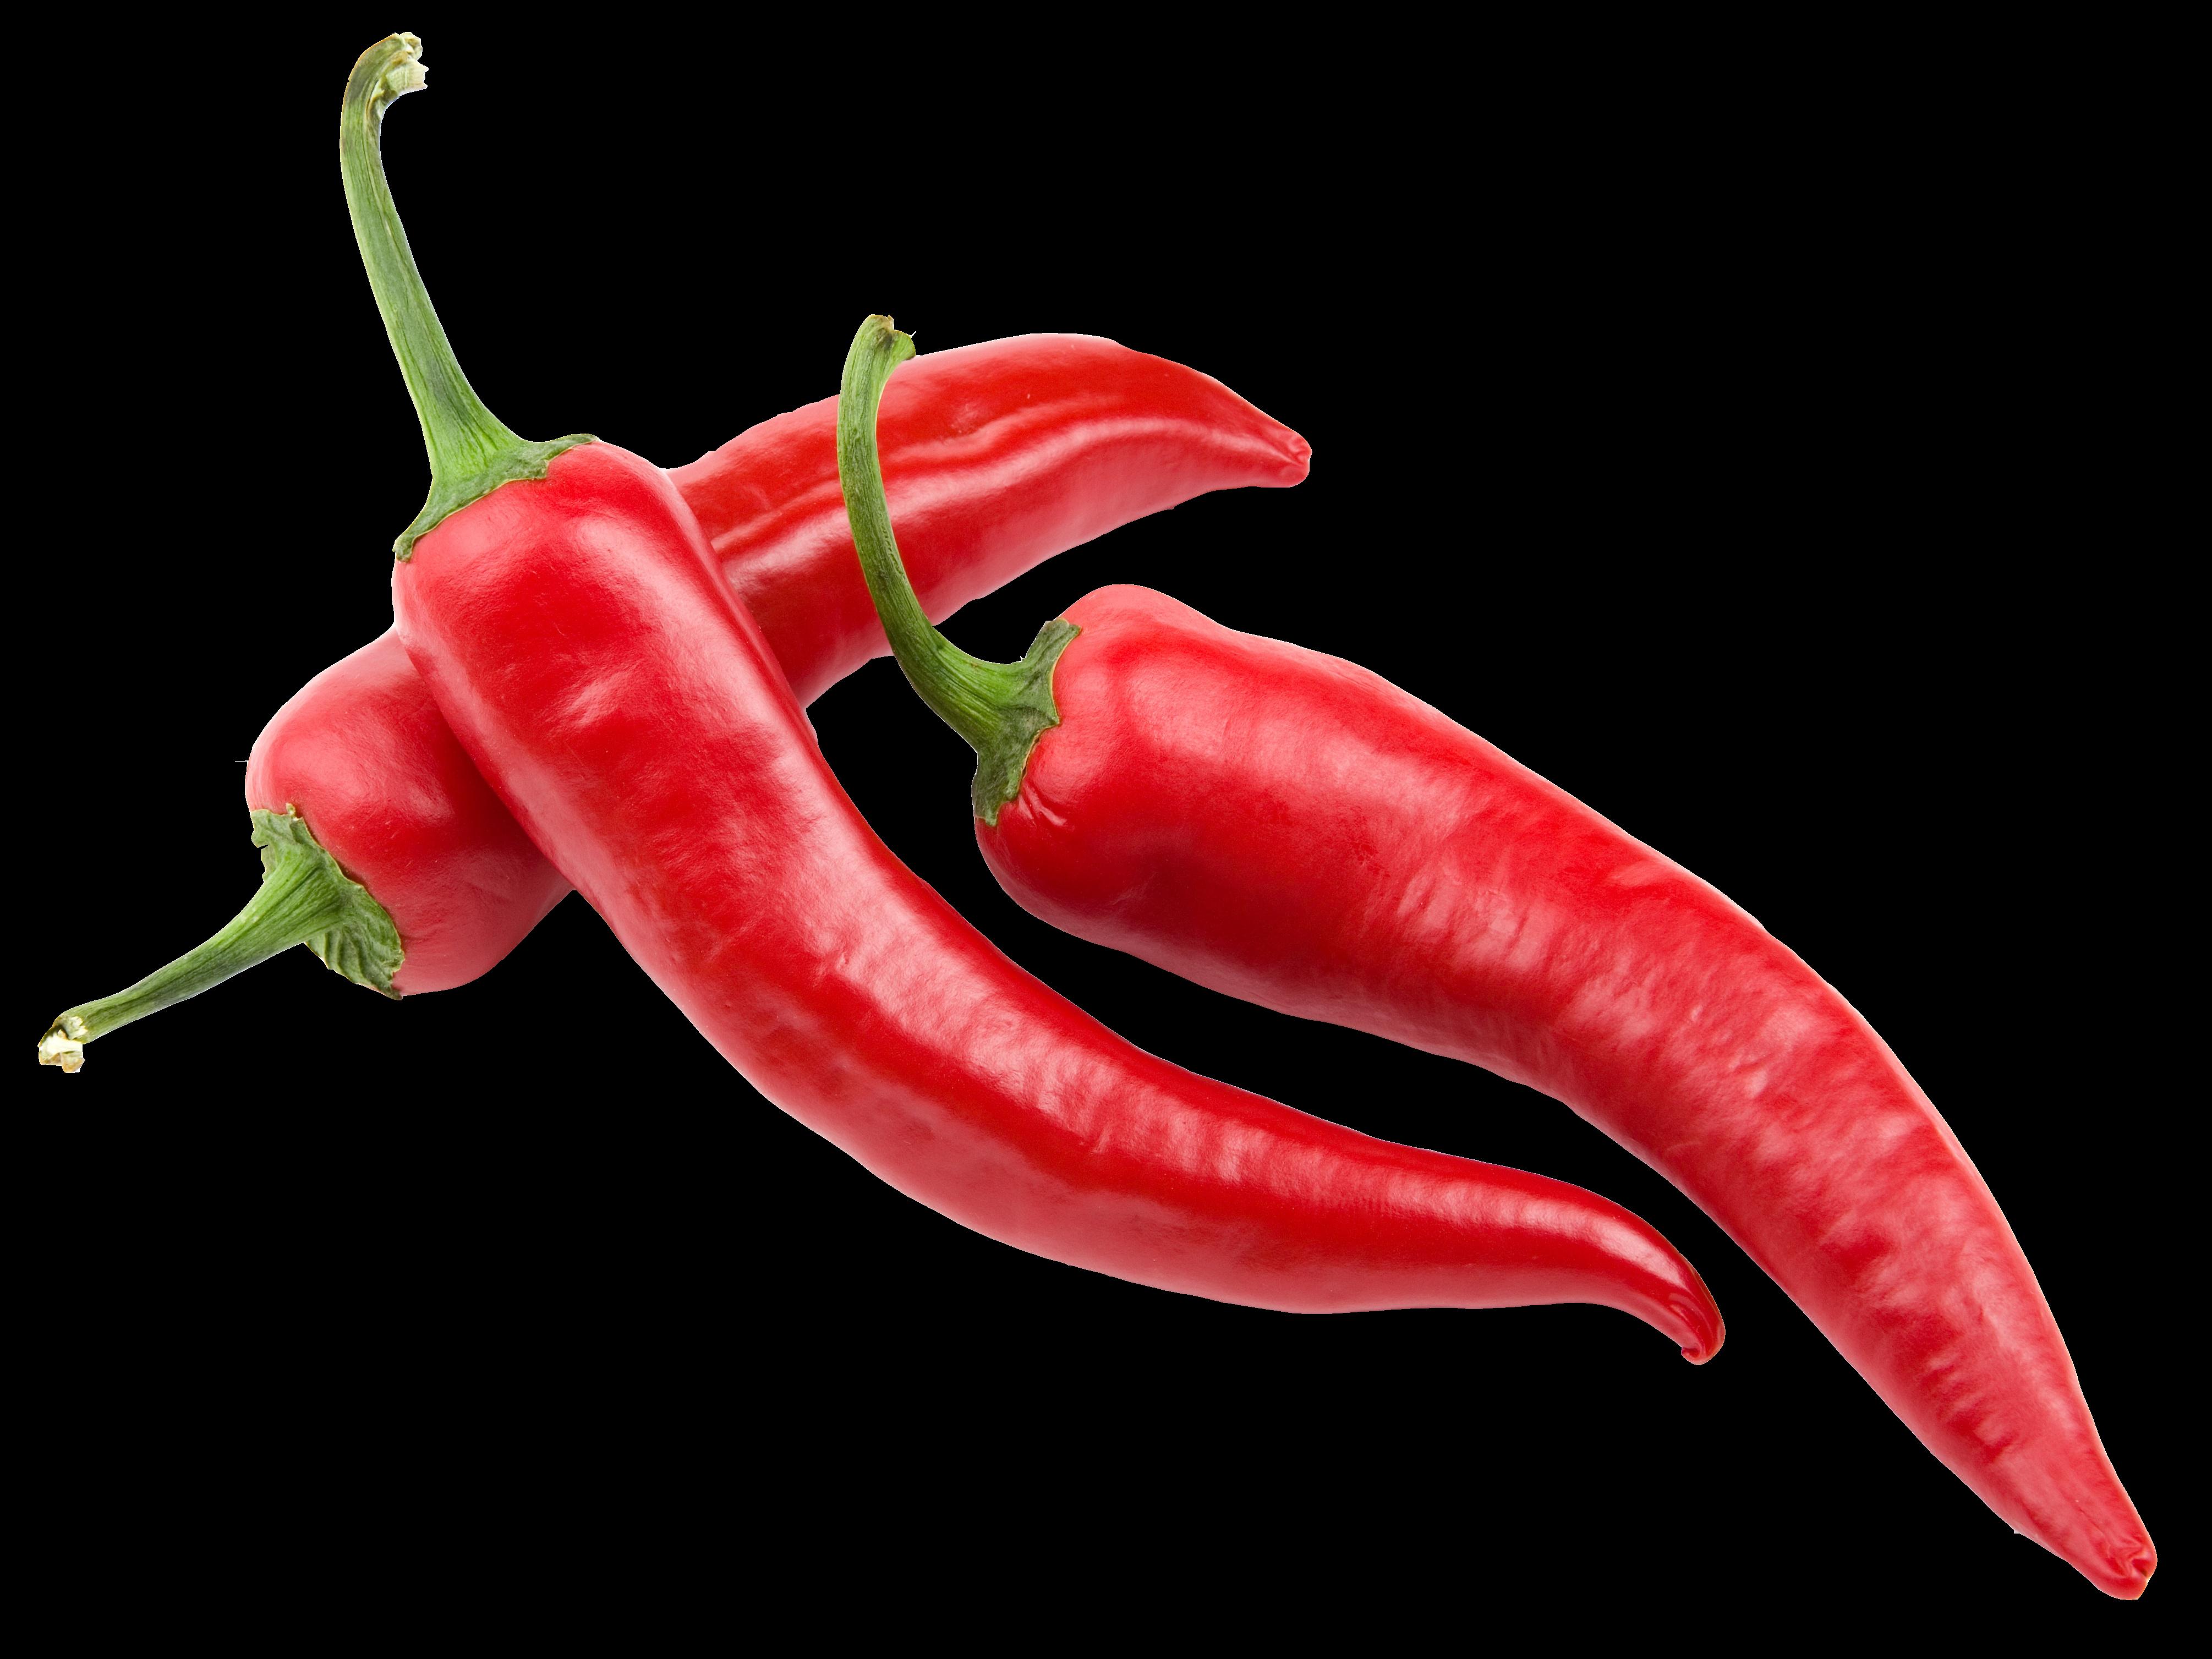 Chili Con Carne Cayenne Pepper Chili Pep #43810.